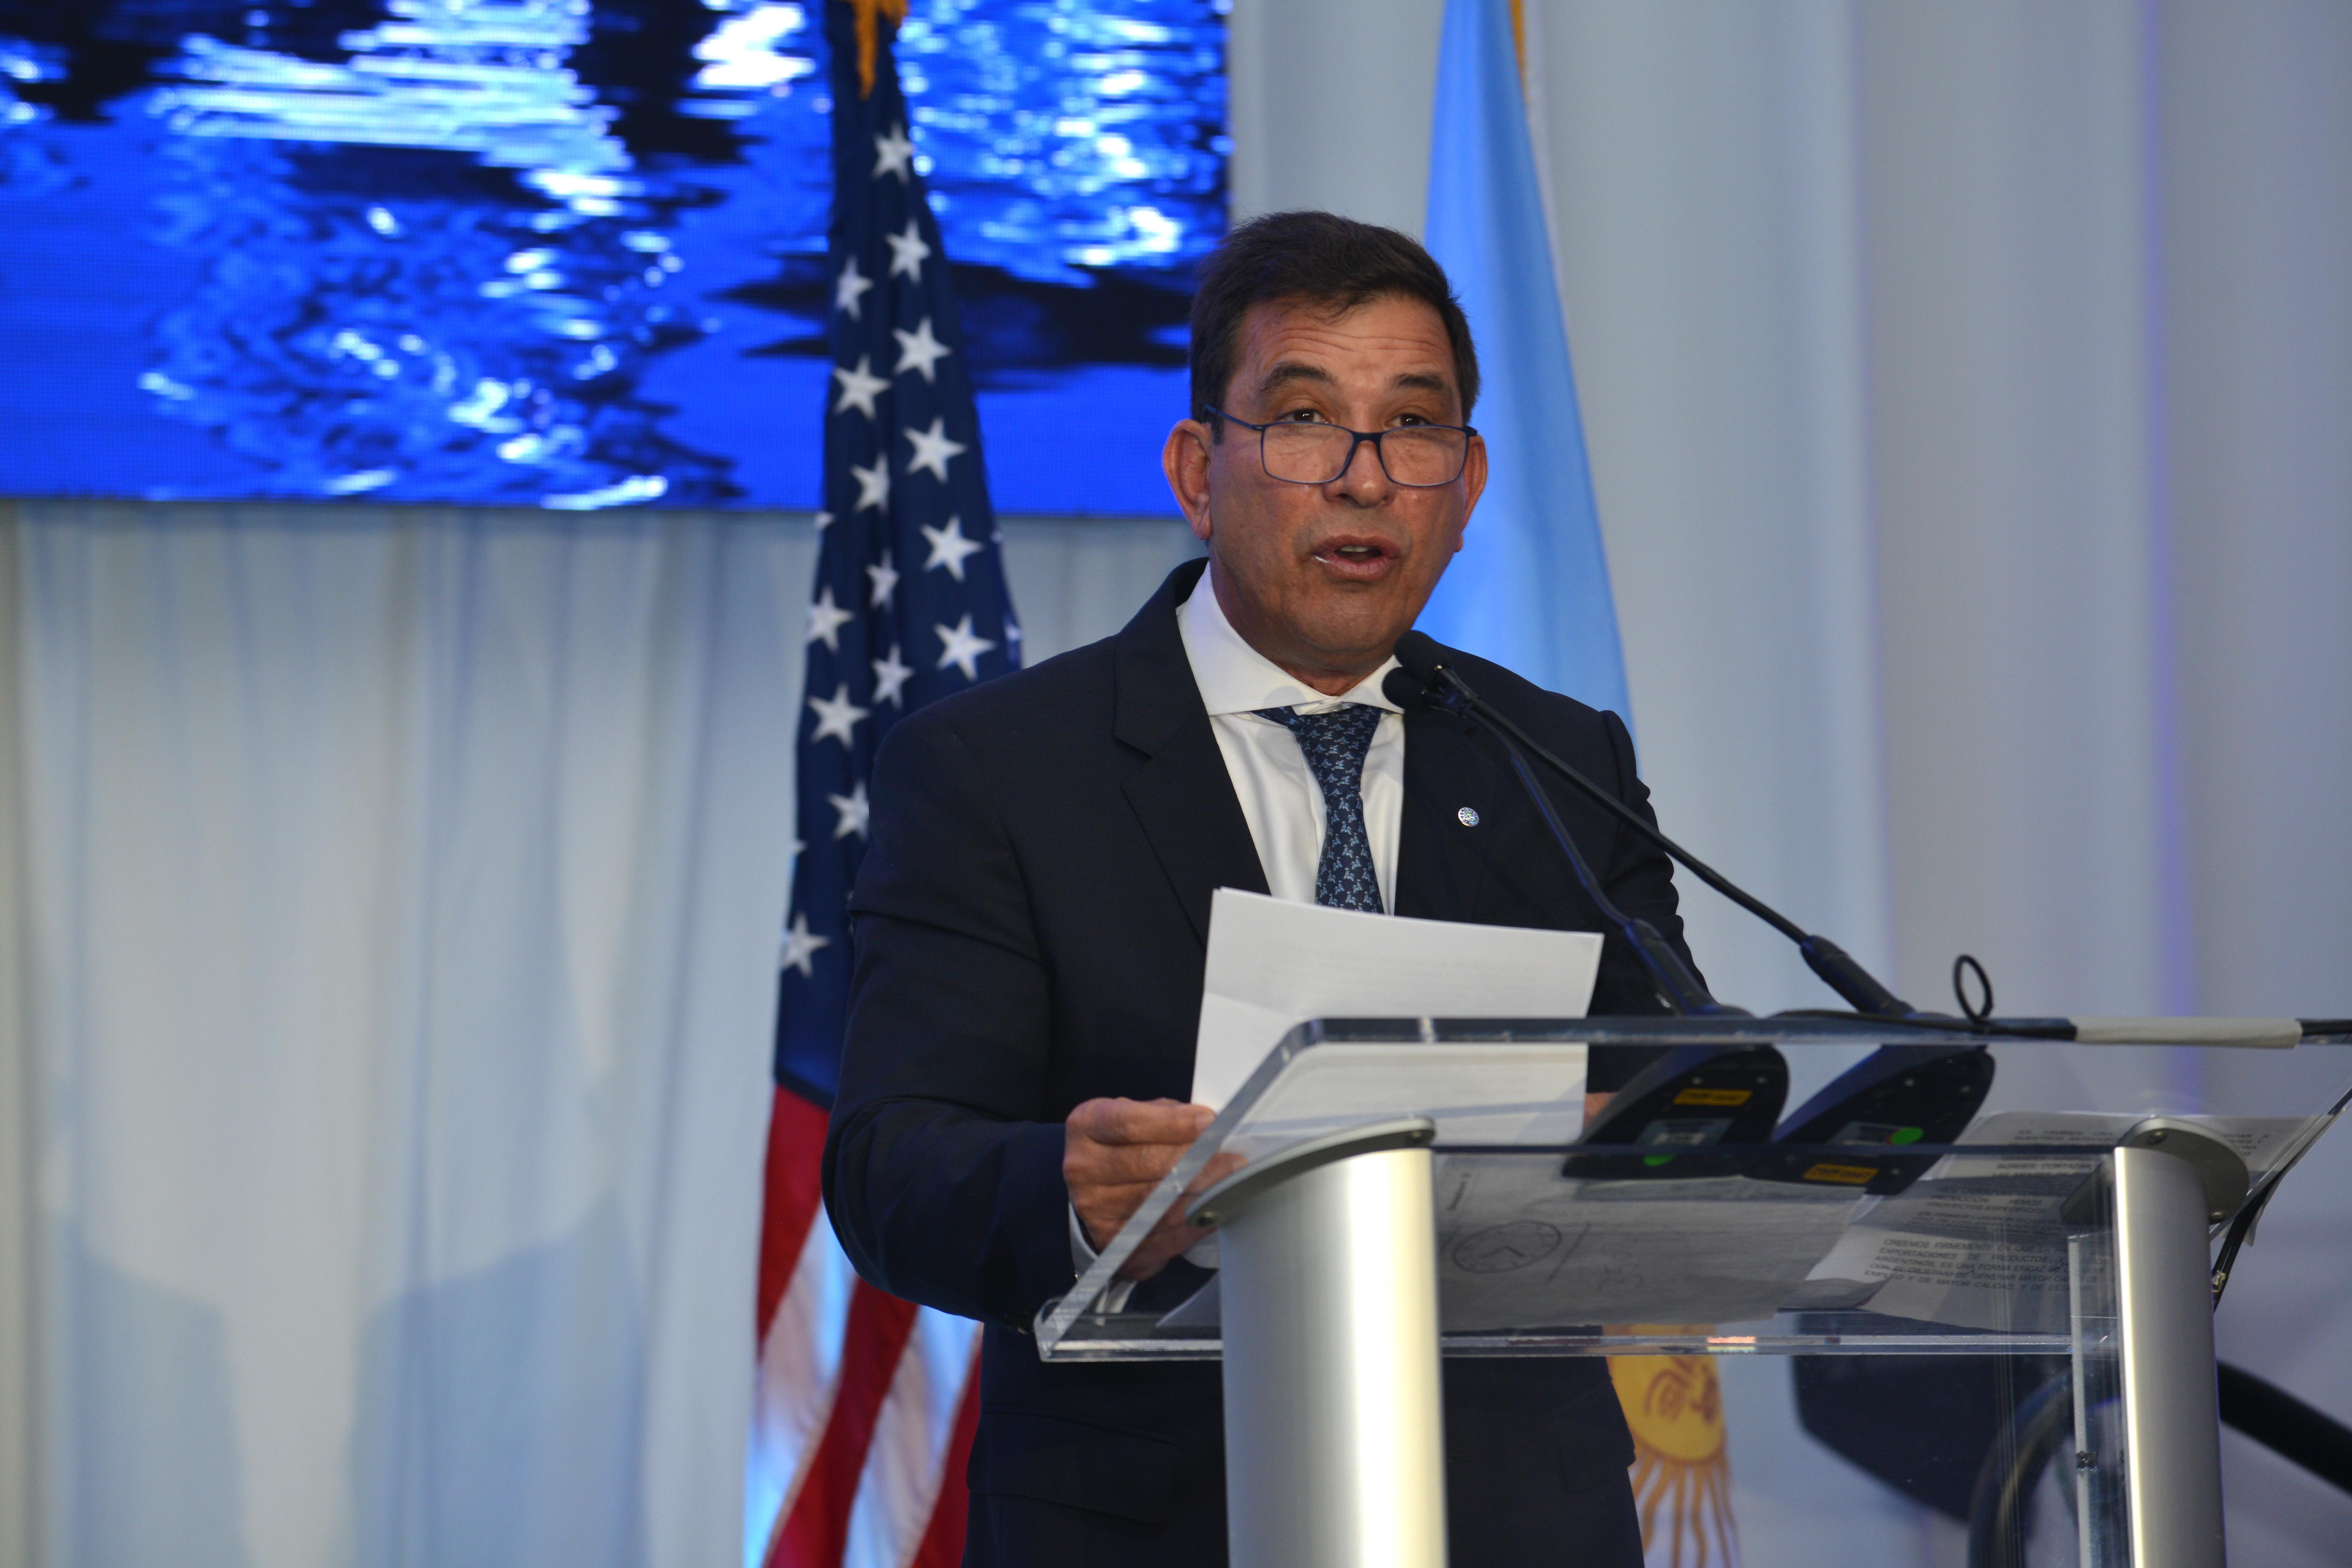 Leandro Fernández Suárez, Cónsul General en Consulado General y Centro de Promoción de la República Argentina en Miami